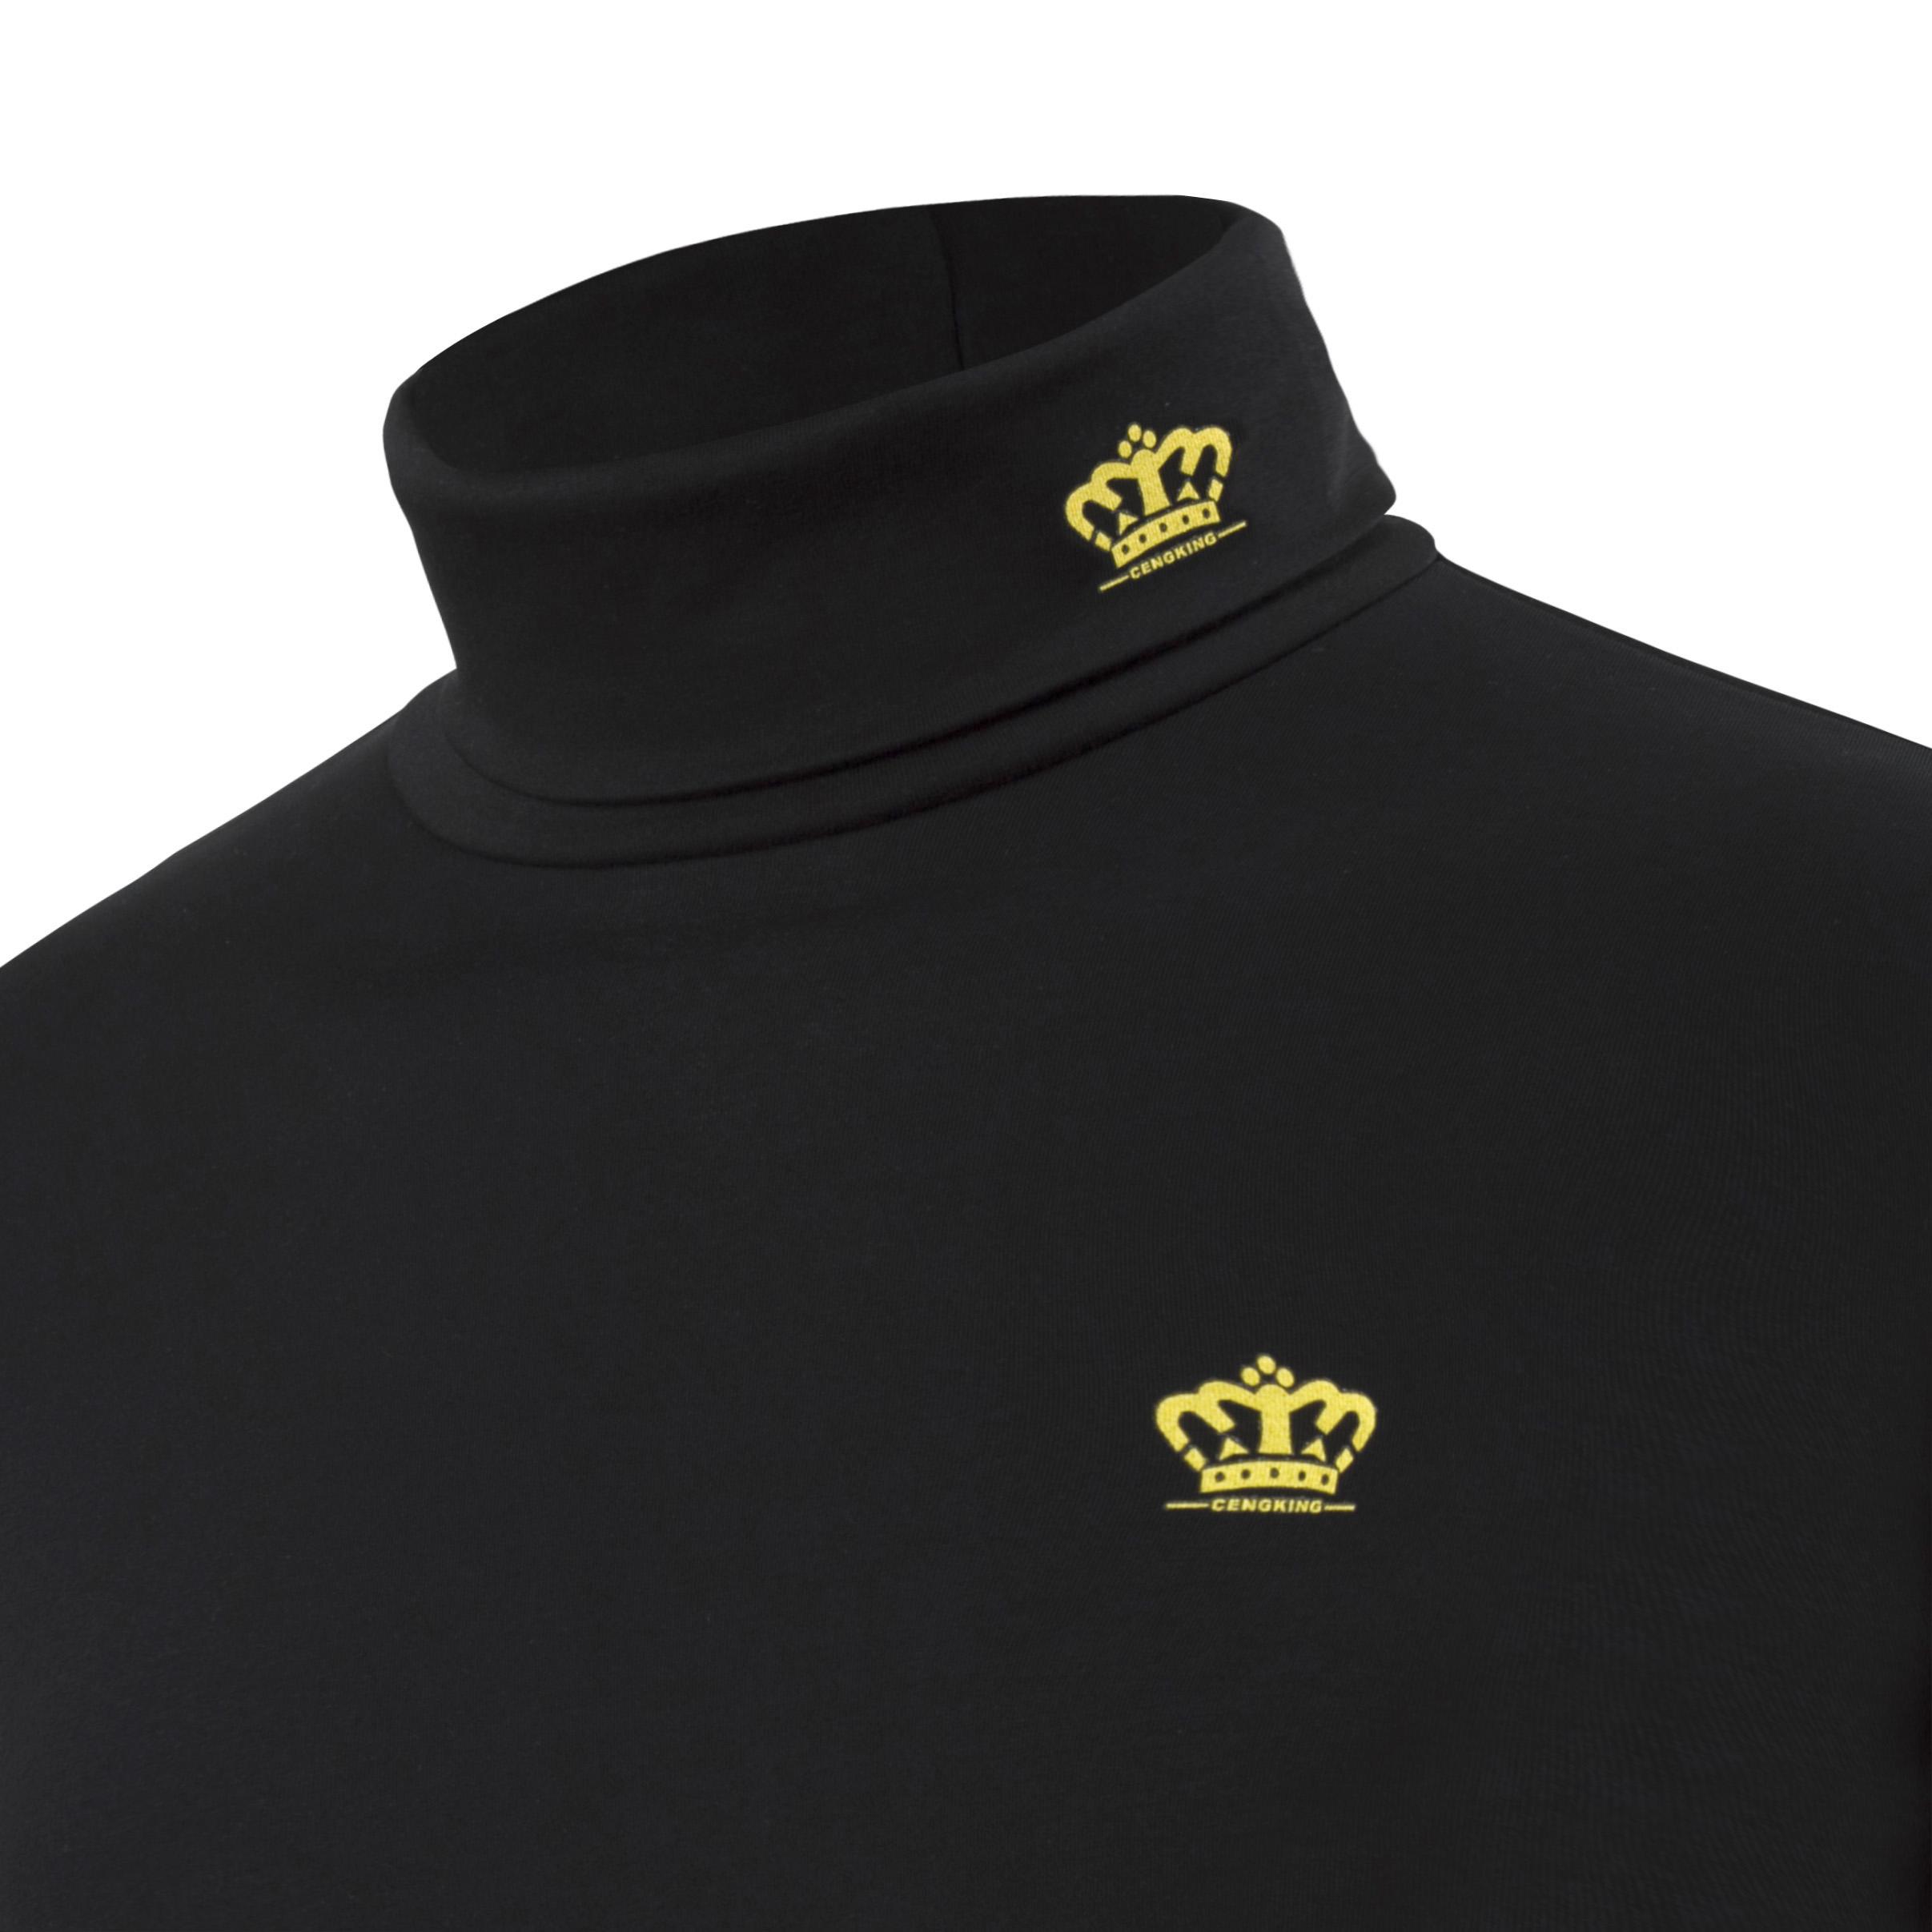 男士高领打底衫男装长袖加绒加厚保暖内衣t恤纯棉修身韩版冬季潮